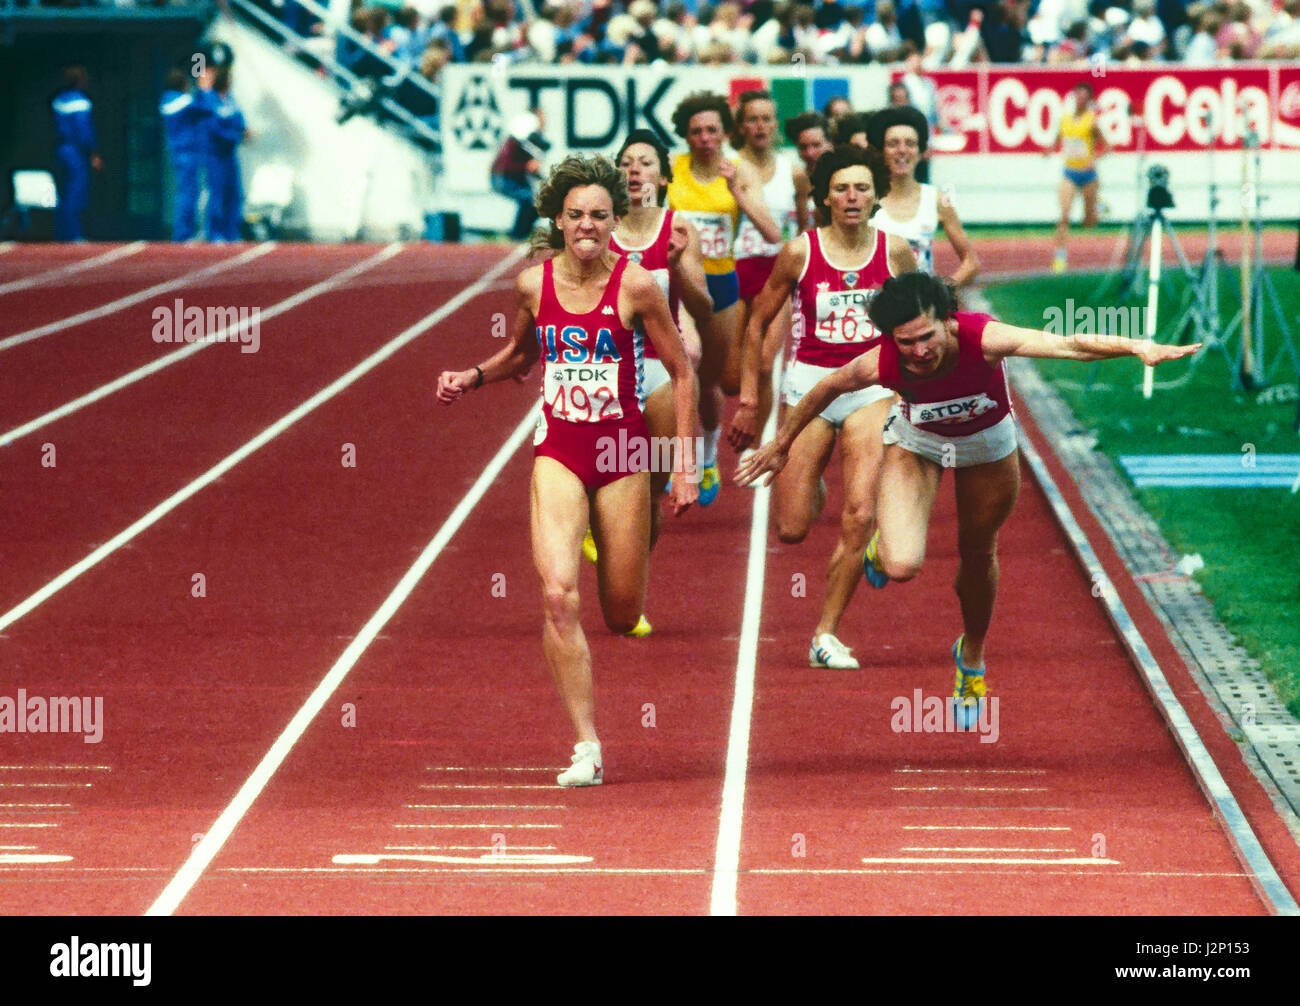 Mary Decker compitiendo en los 1500 m en el Mundial de 1983 Campeonato de pista y campo Imagen De Stock